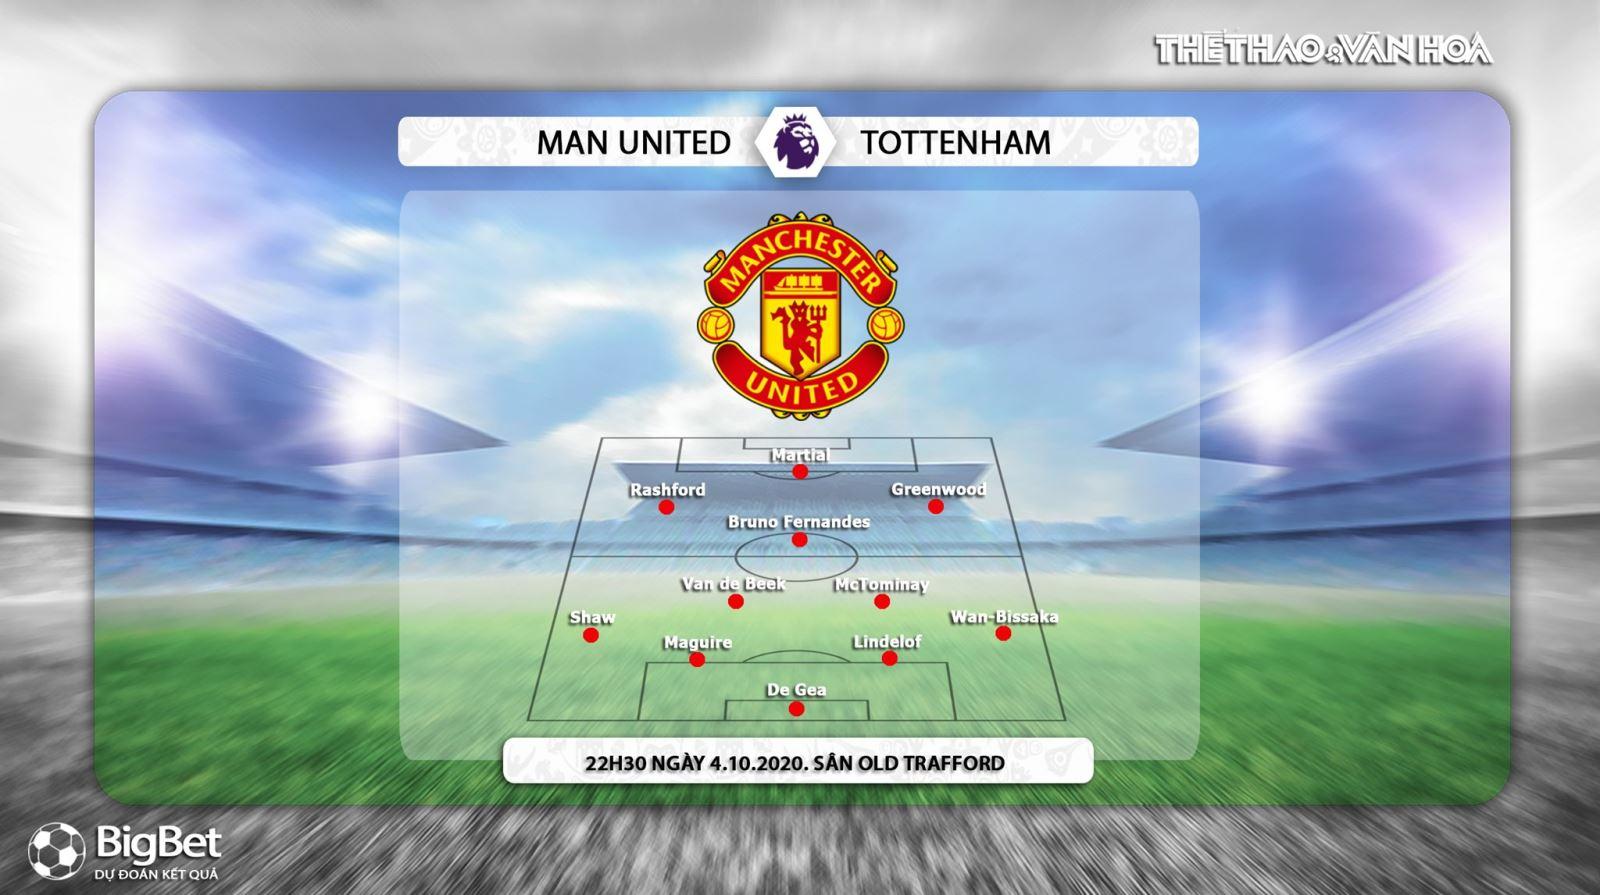 MU vs Tottenham, MU, Tottenham, soi kèo bóng đá, soi kèo MU vs Tottenham, nhận định, manchester united, tottenham, lịch thi đấu bóng đá, dự đoán MU vs Tottenham